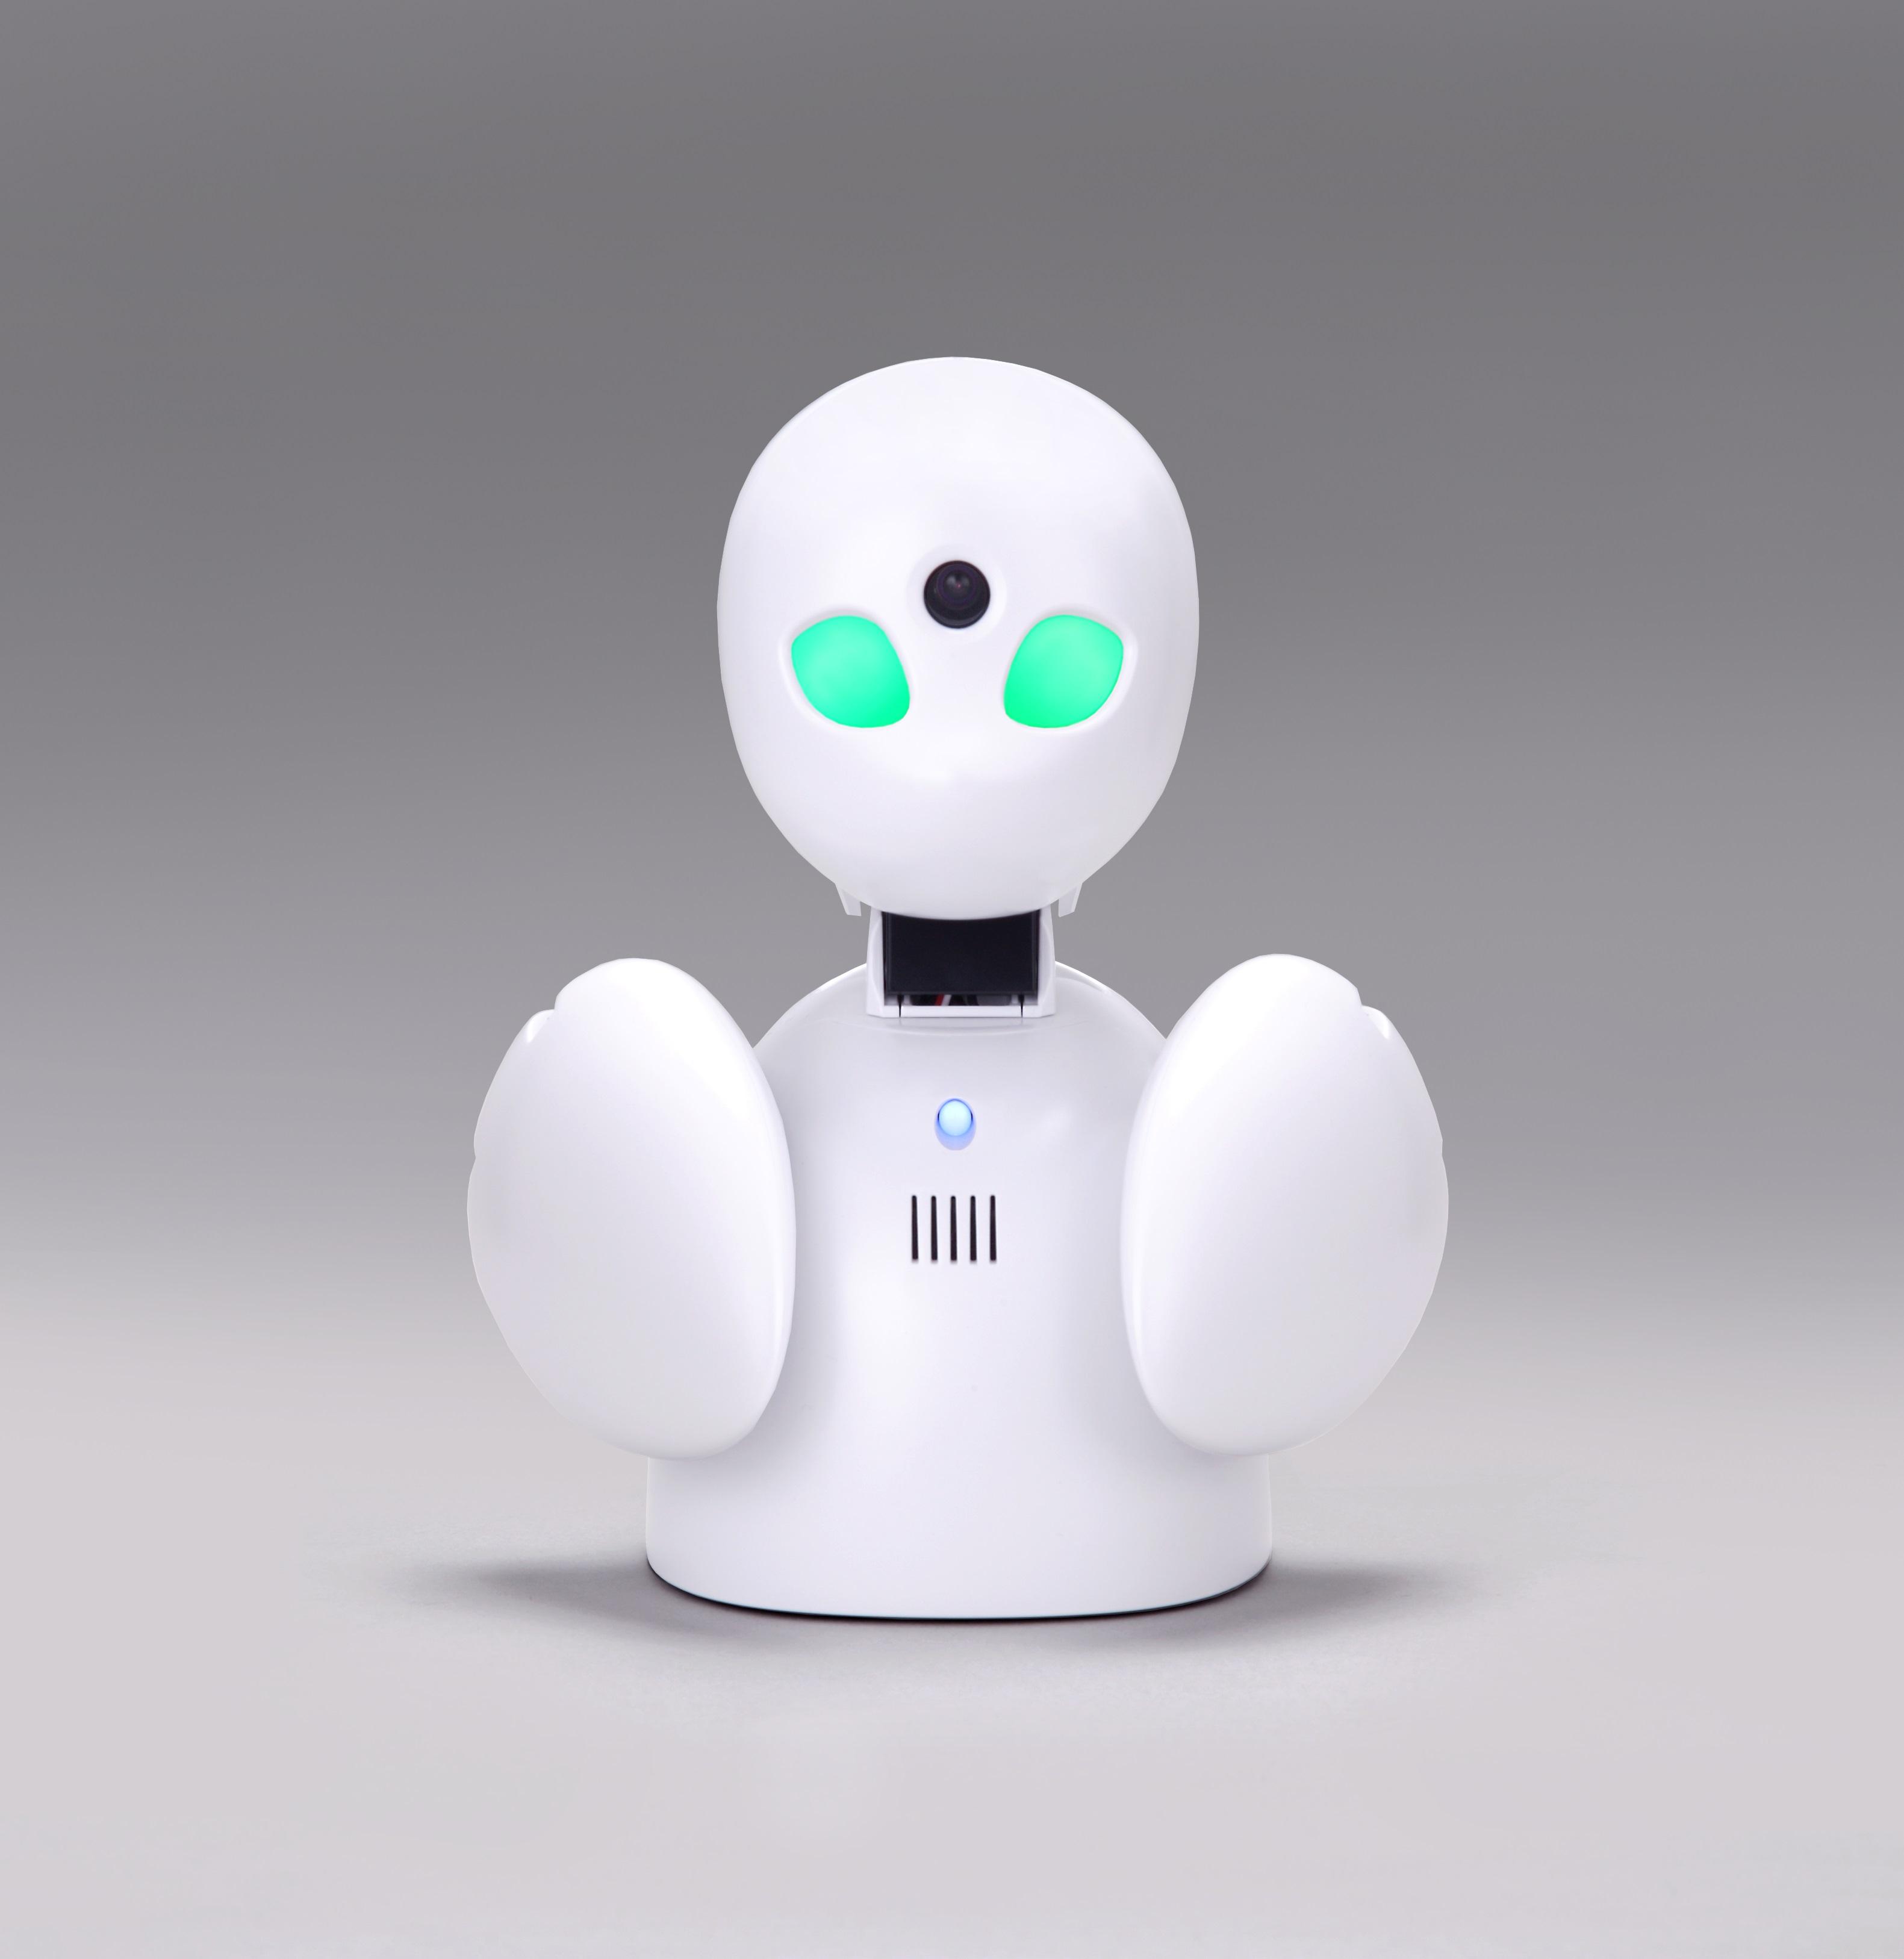 分身ロボット OriHime